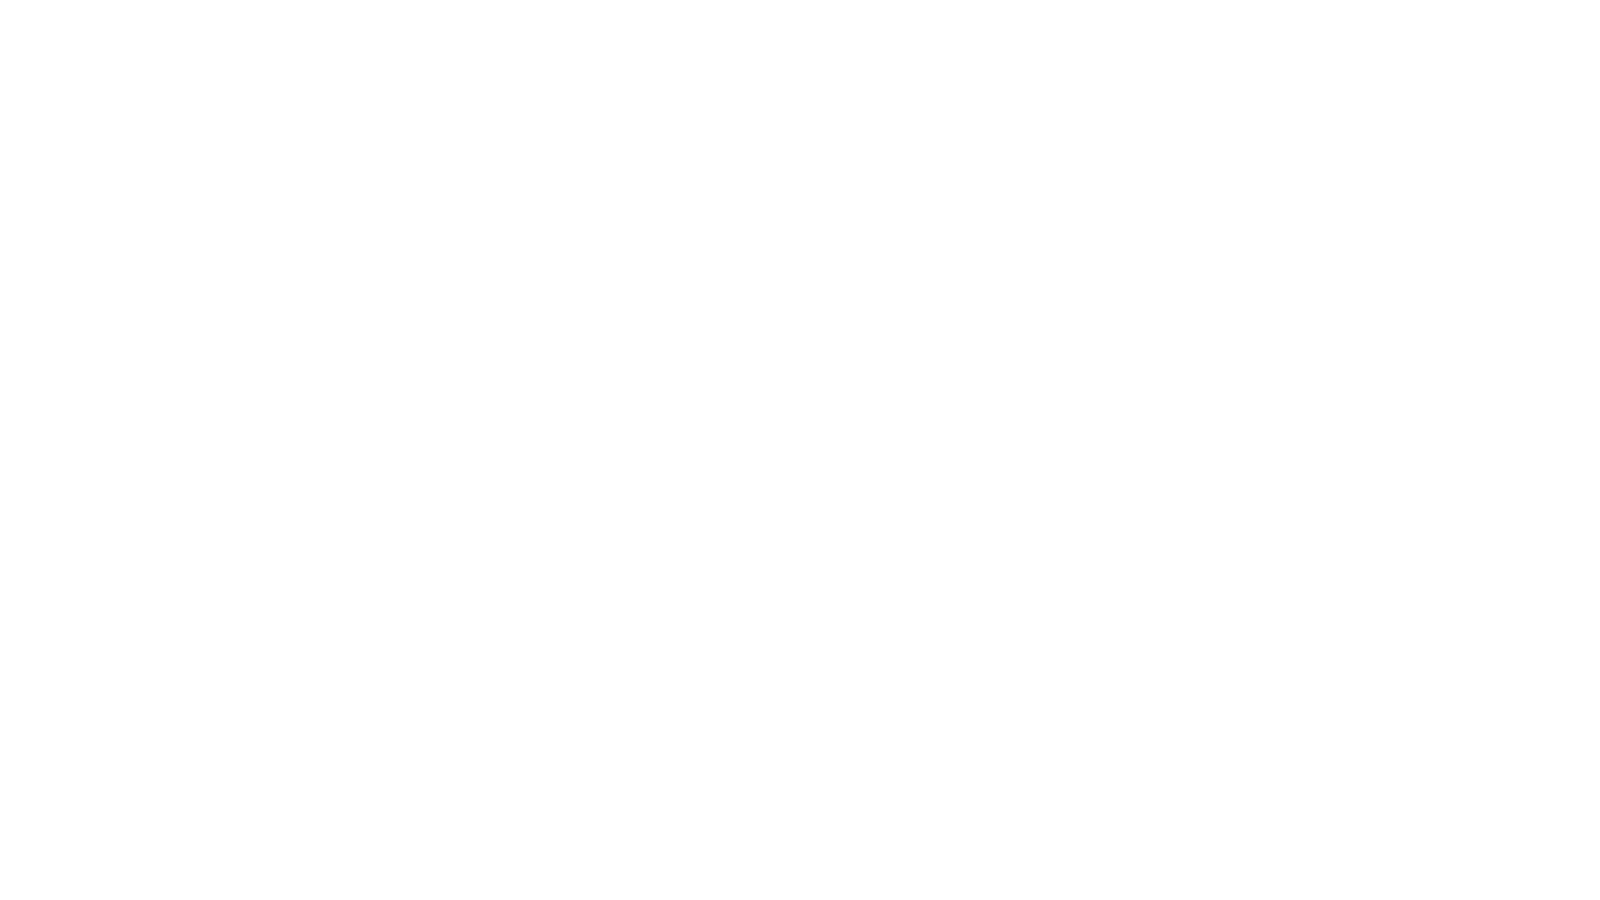 #Casandrino: E' stato #inaugurato il primo #AsiloNidoComunale alla presenza dell'assessore regionale #LuciaFortini, del #sindaco #RosaMarrazzo, l'assessore #AntonellaTintore e dei rappresentanti dell'#AmbitoN17: #RodolfoDeRosa #CeciliaPetito e #AntimoLucaEsempio